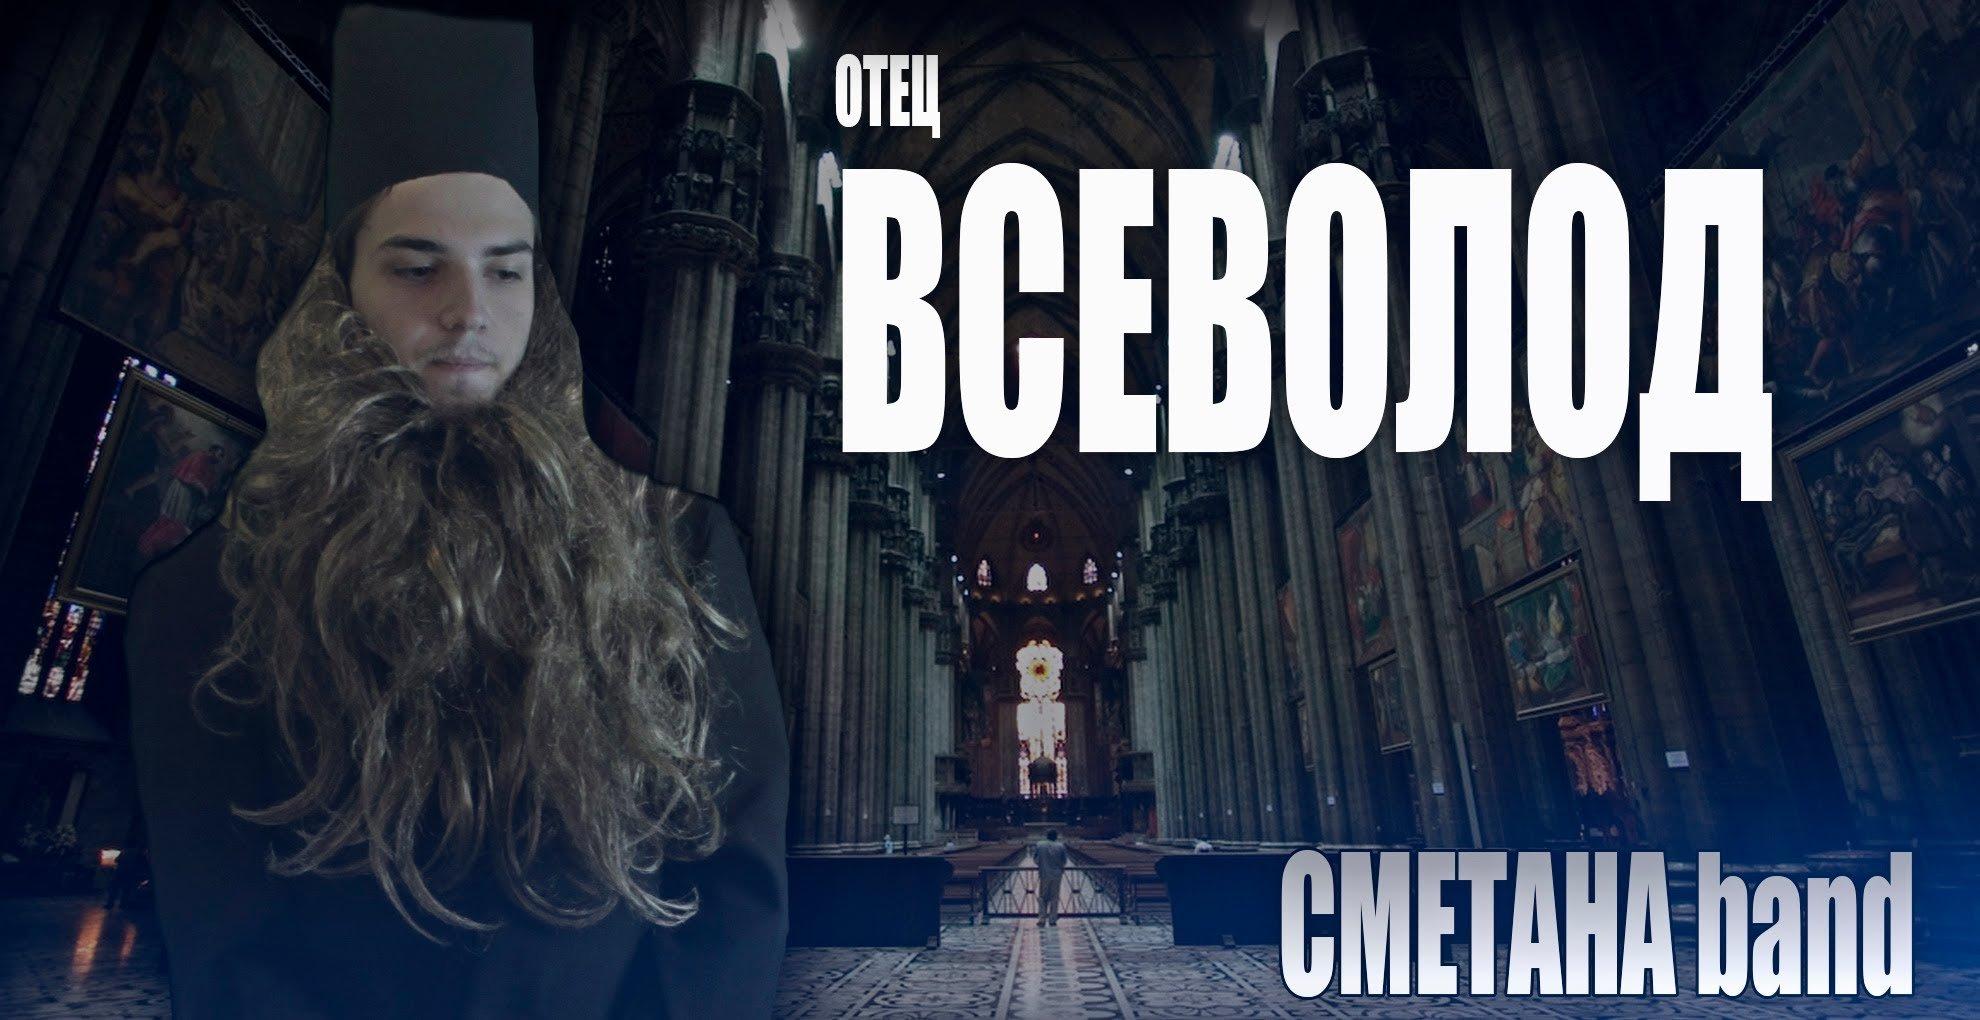 Инцест порно, лучший русский инцест видео в одном месте!